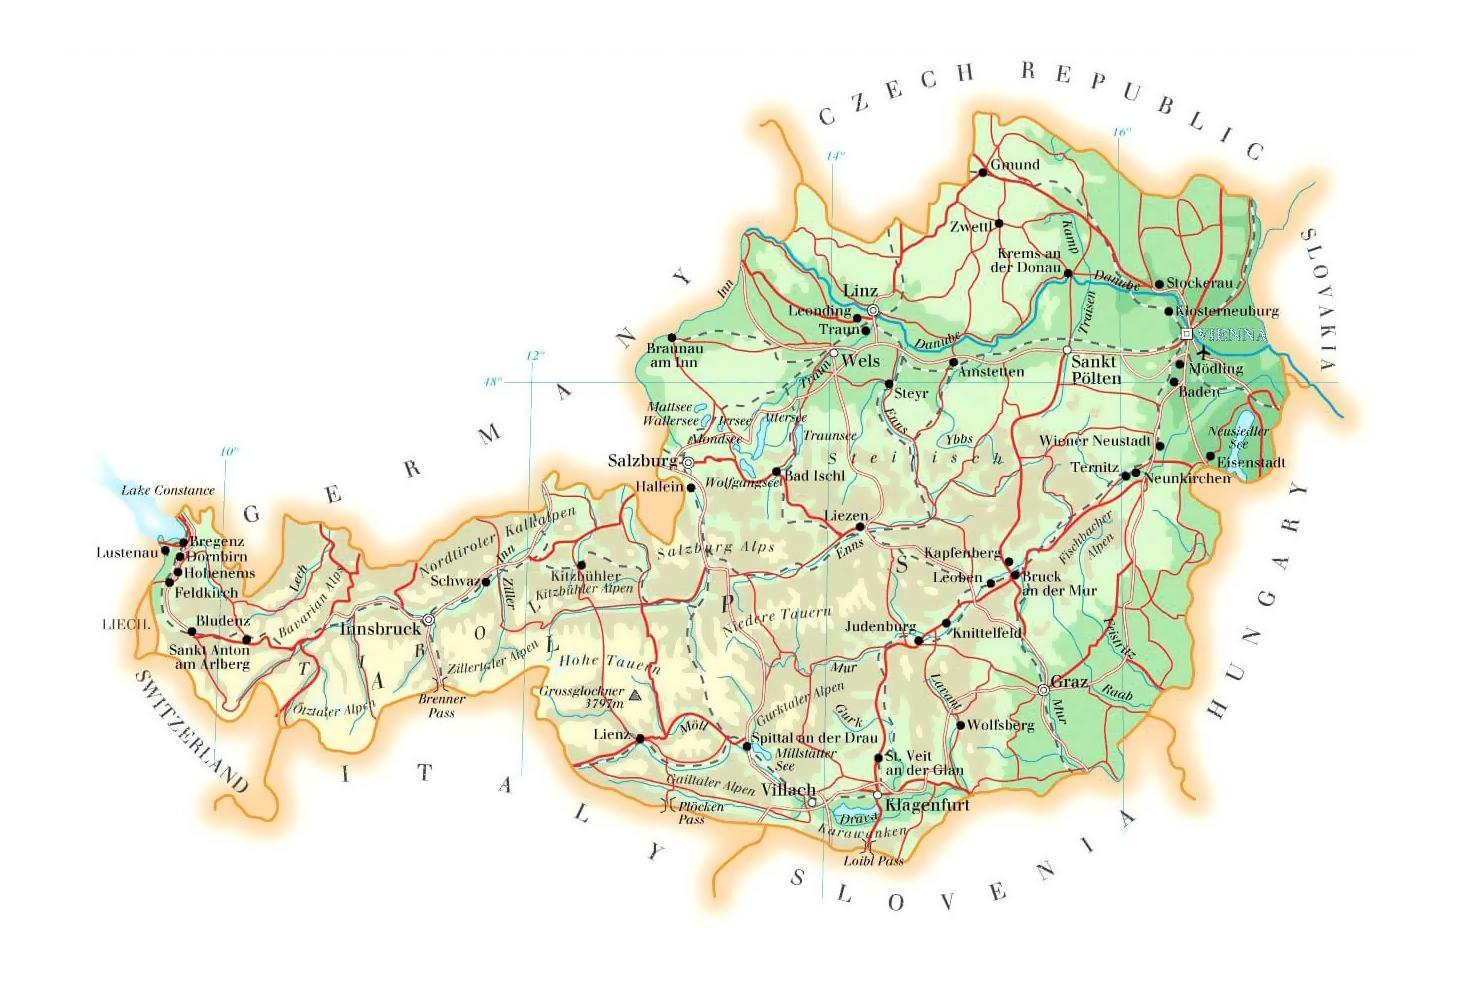 Rakousko Vyskova Mapa Mapa Rakousko Nadmorska Vyska Zapadni